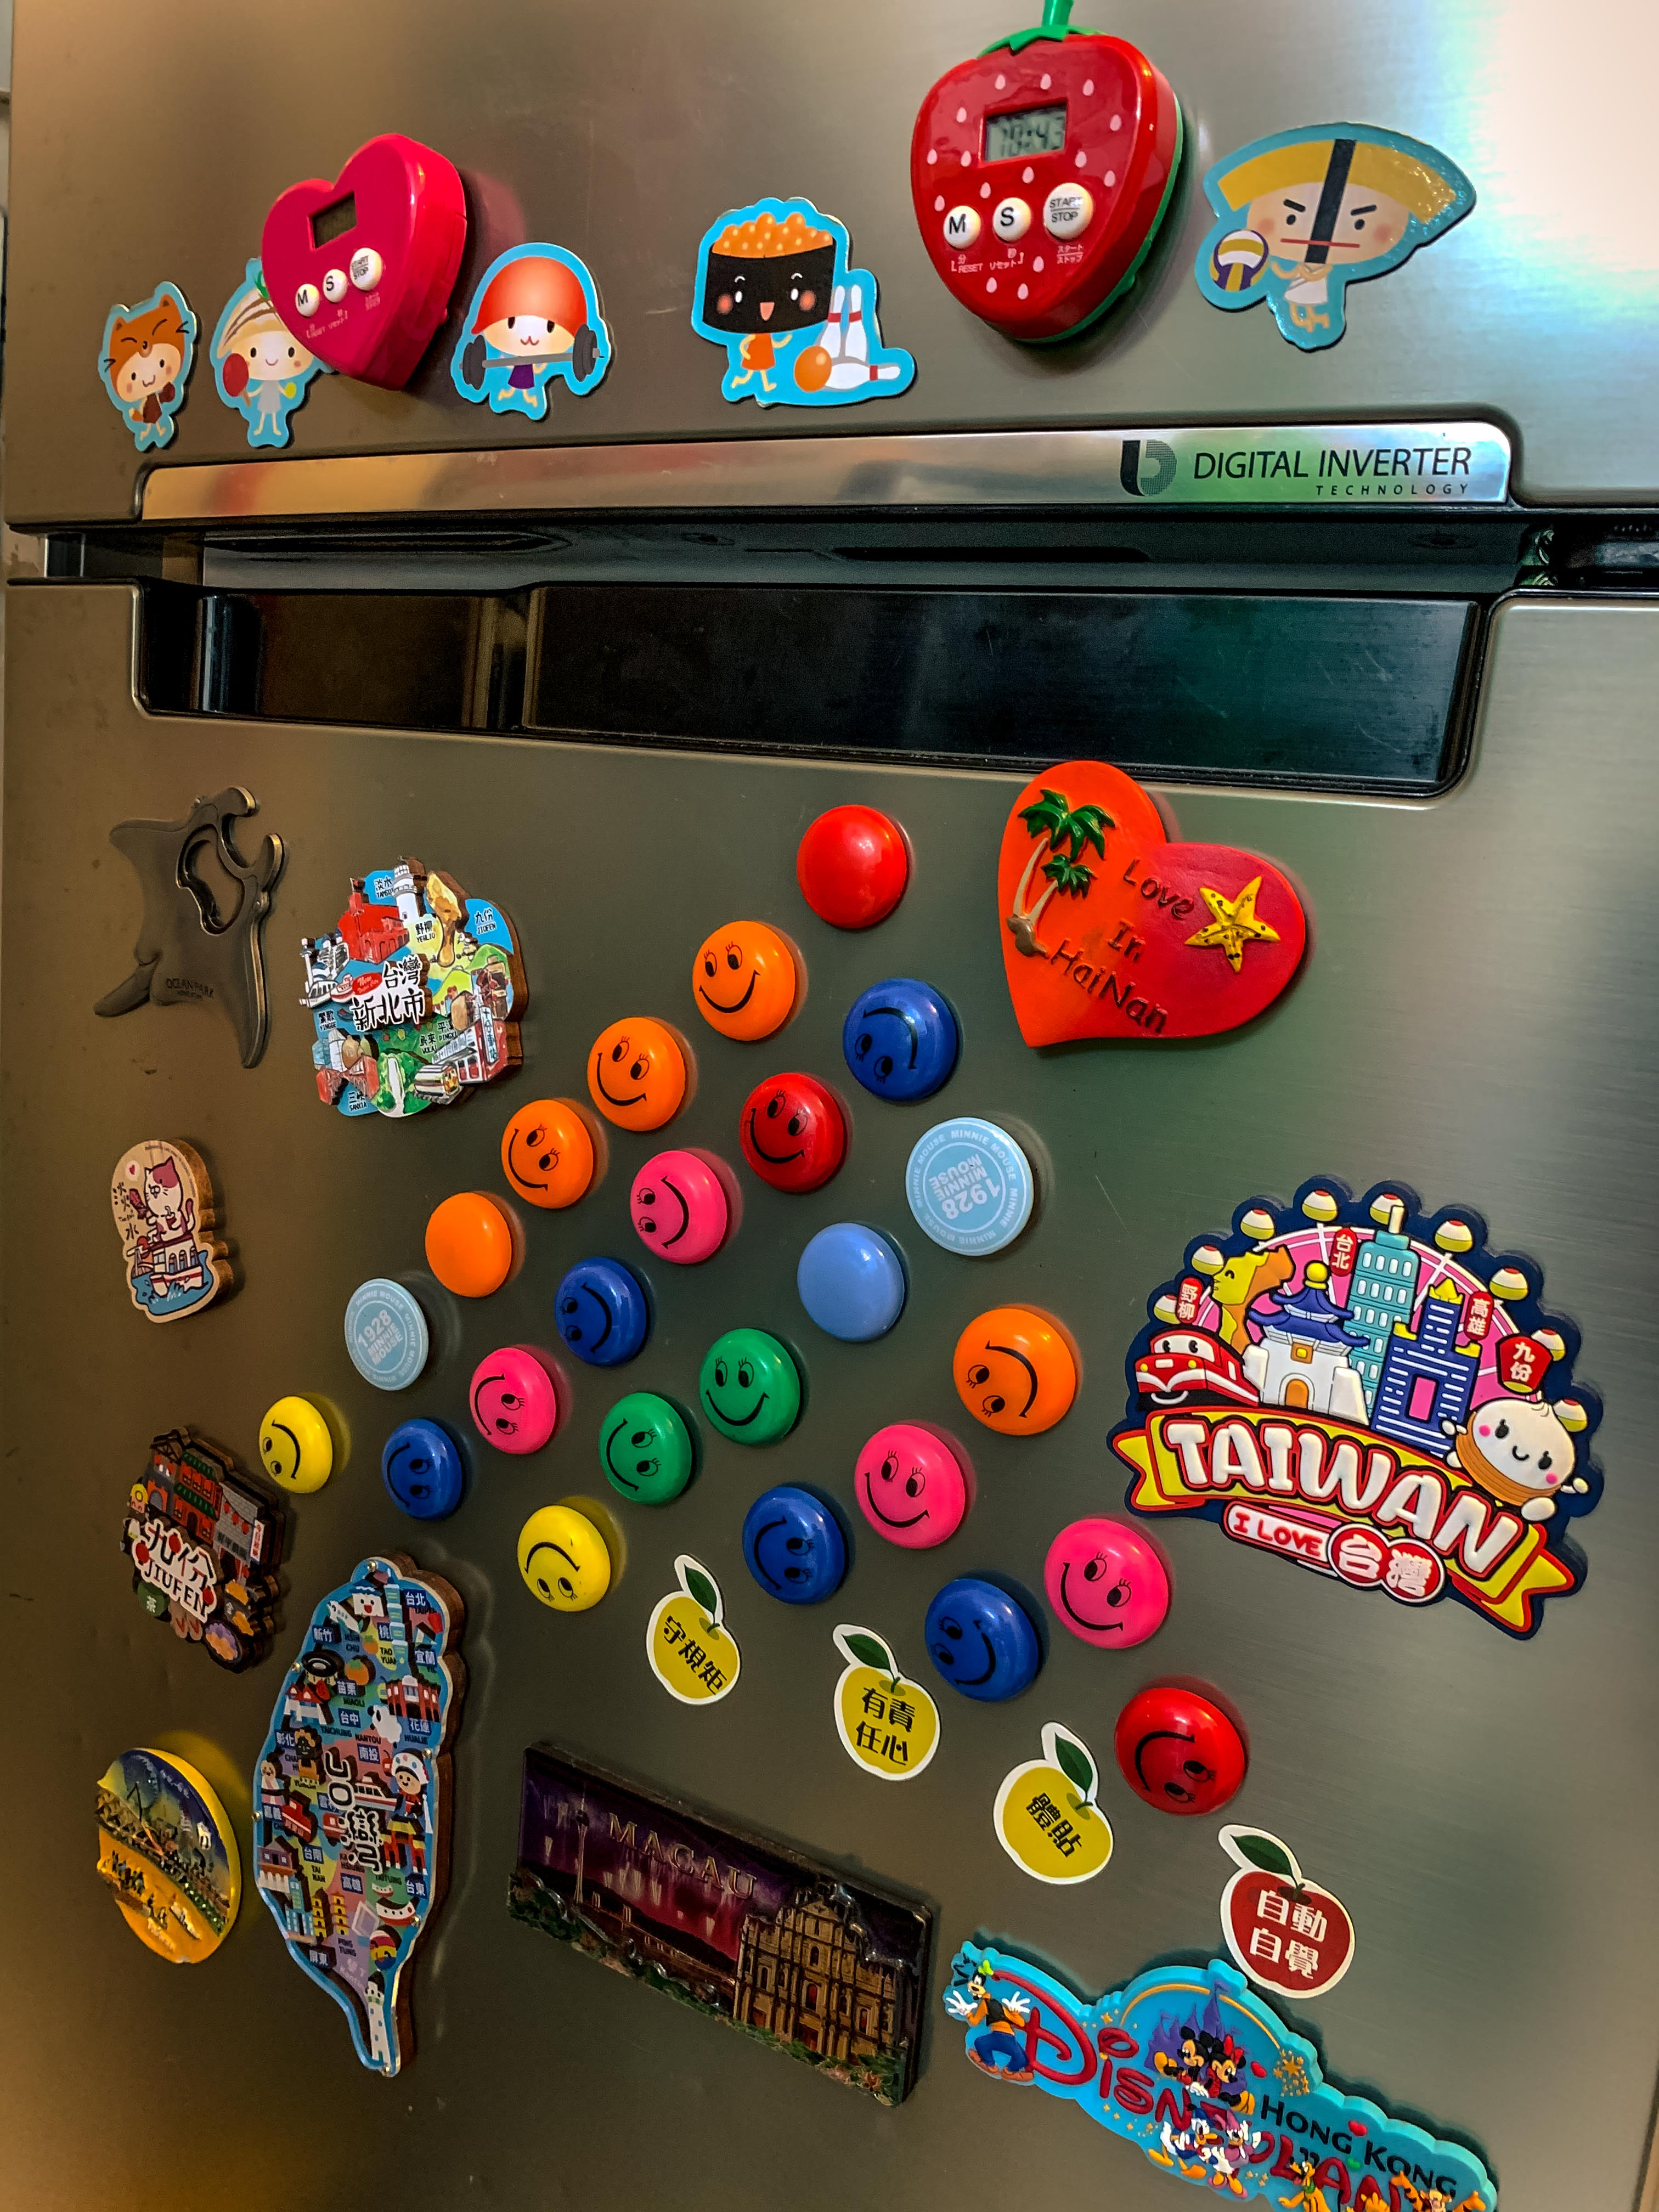 岑卓軒_Shum Cheuk Hin_6.5yr_這是我們家的雪櫃門